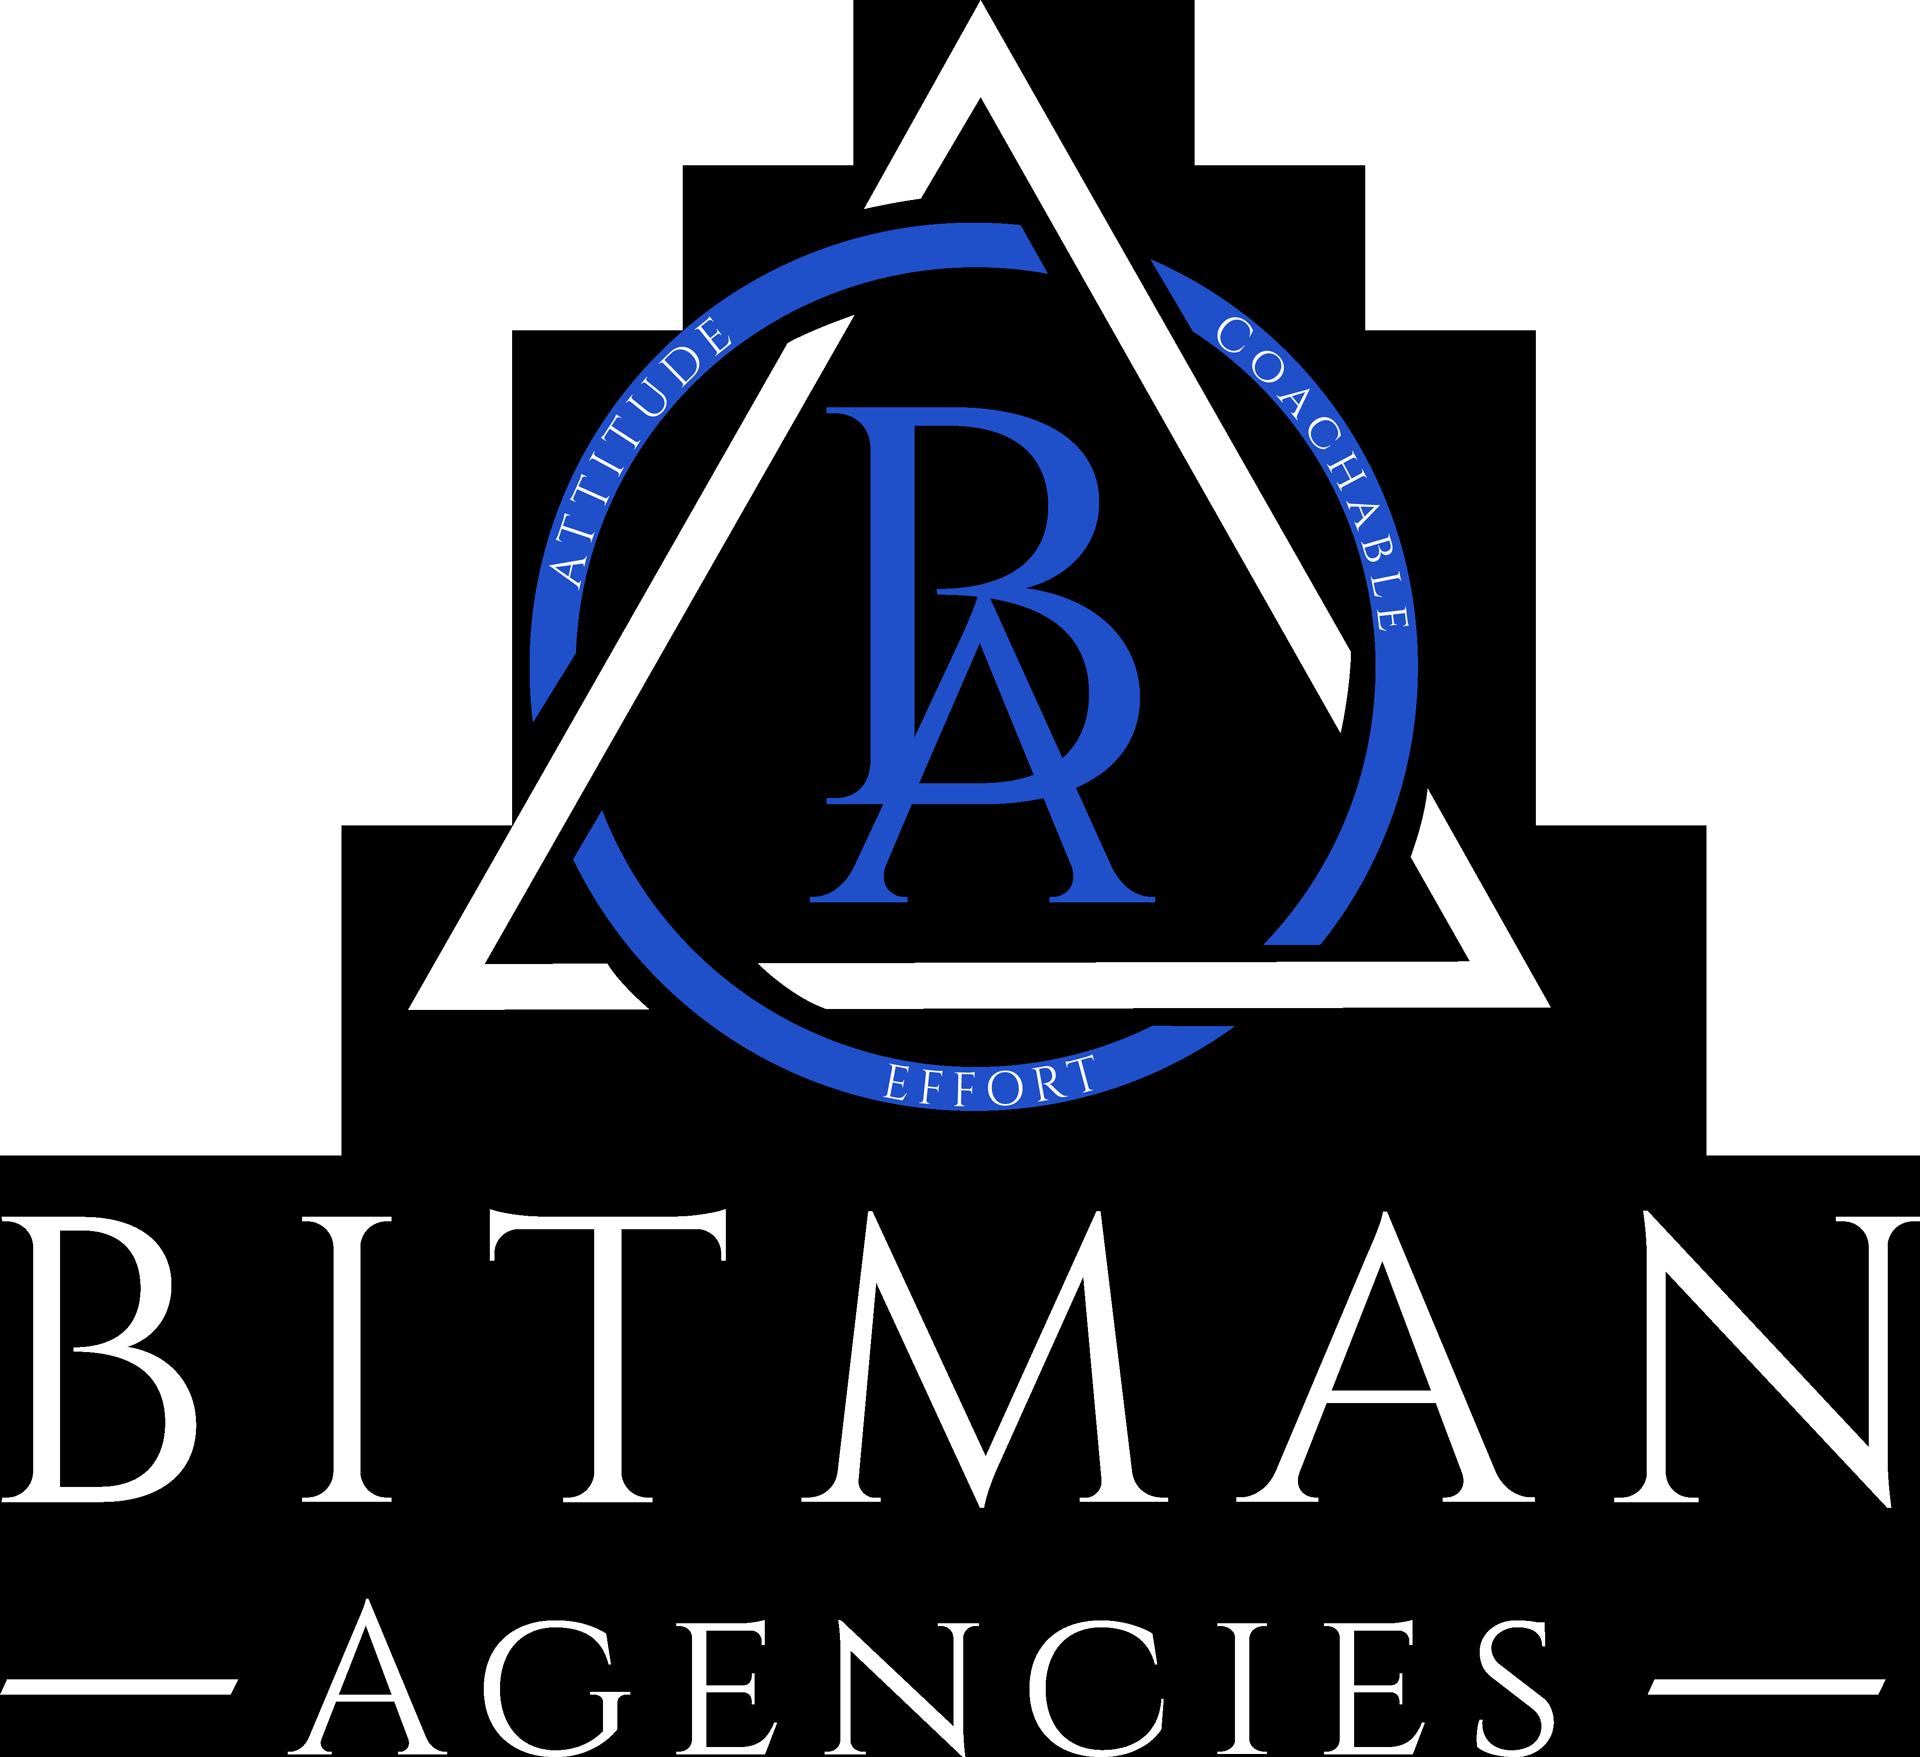 Bitman Agency